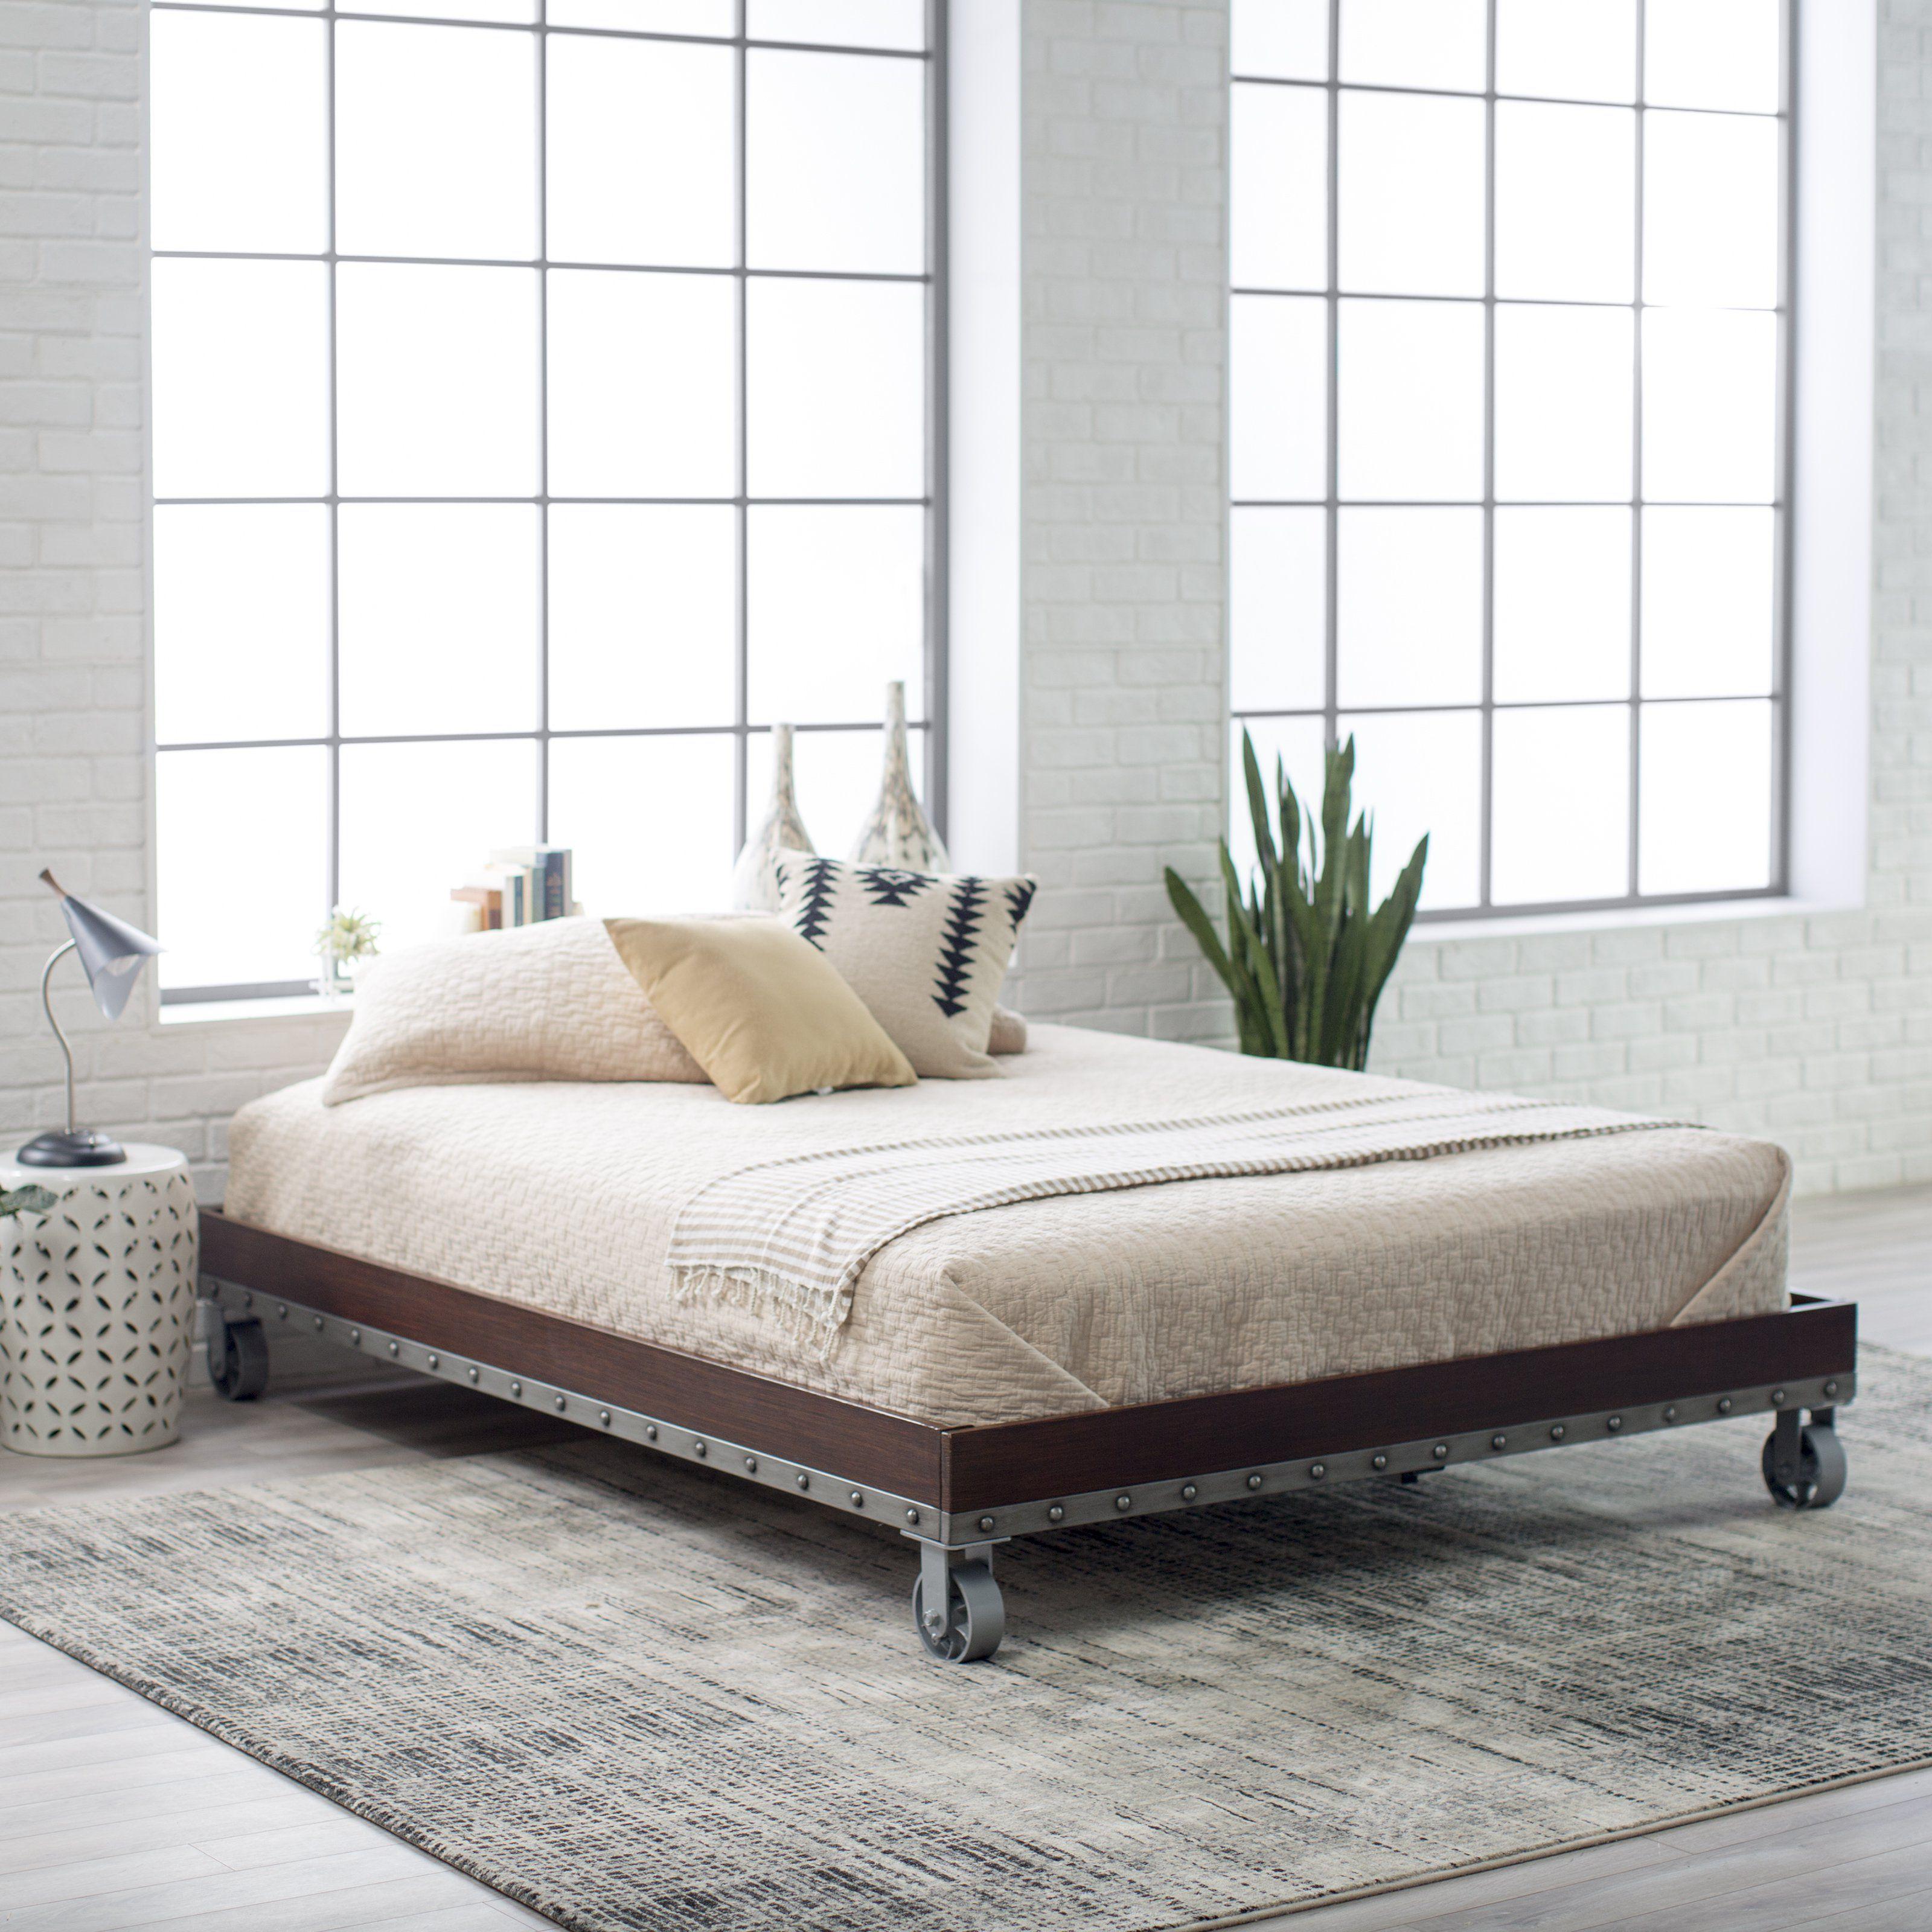 Best Belham Living Merced Platform Cart Bed Enhance Your 400 x 300